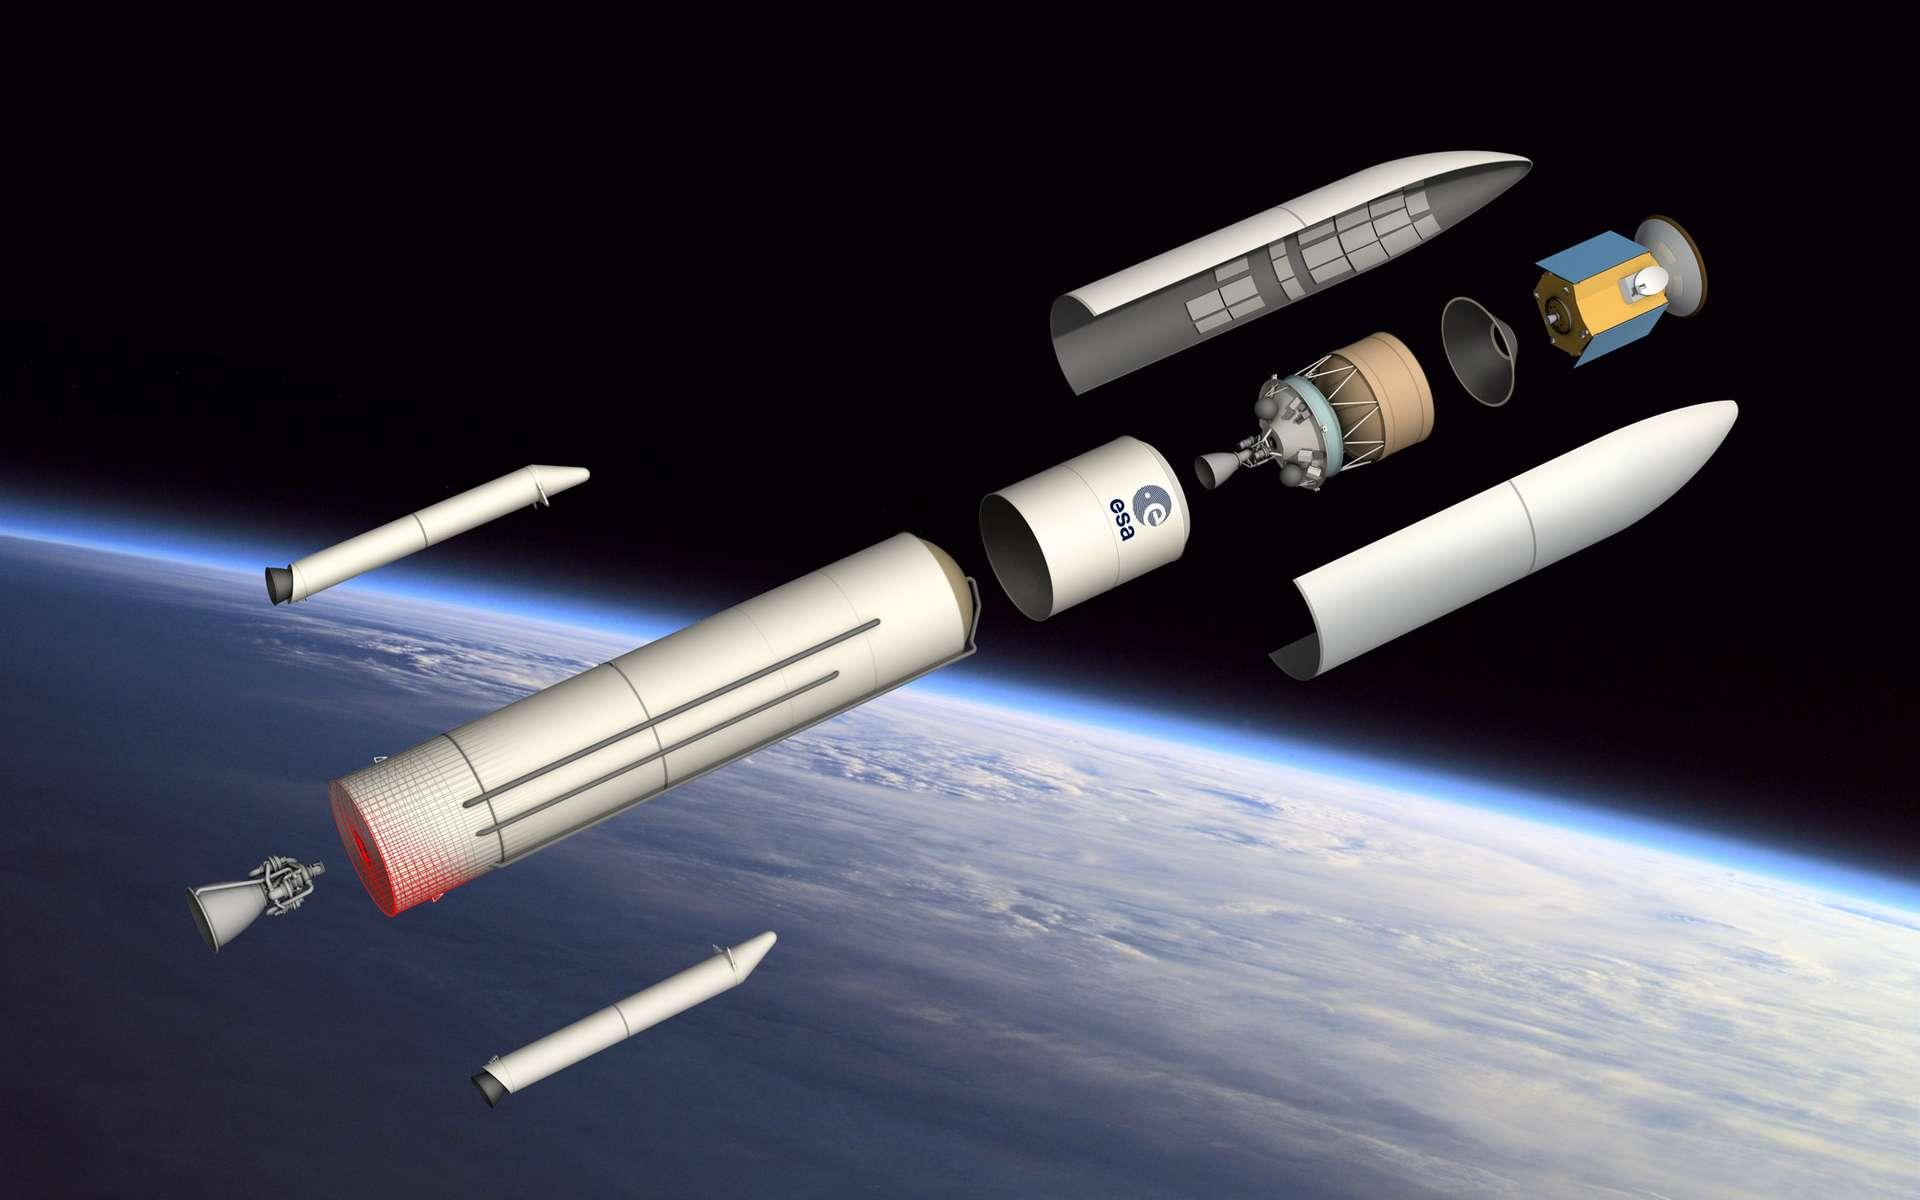 Avec Ariane 6, l'Esa abandonne le lancement double et revient au concept modulaire d'Ariane 4. Ce futur lanceur en ligne sera capable de mettre en orbite en lancement simple de 3 à 6,5 tonnes, ce qui représente l'essentiel des missions dites institutionnelles et commerciales que l'on peut prévoir à l'horizon 2020. © D. Ducros, Esa